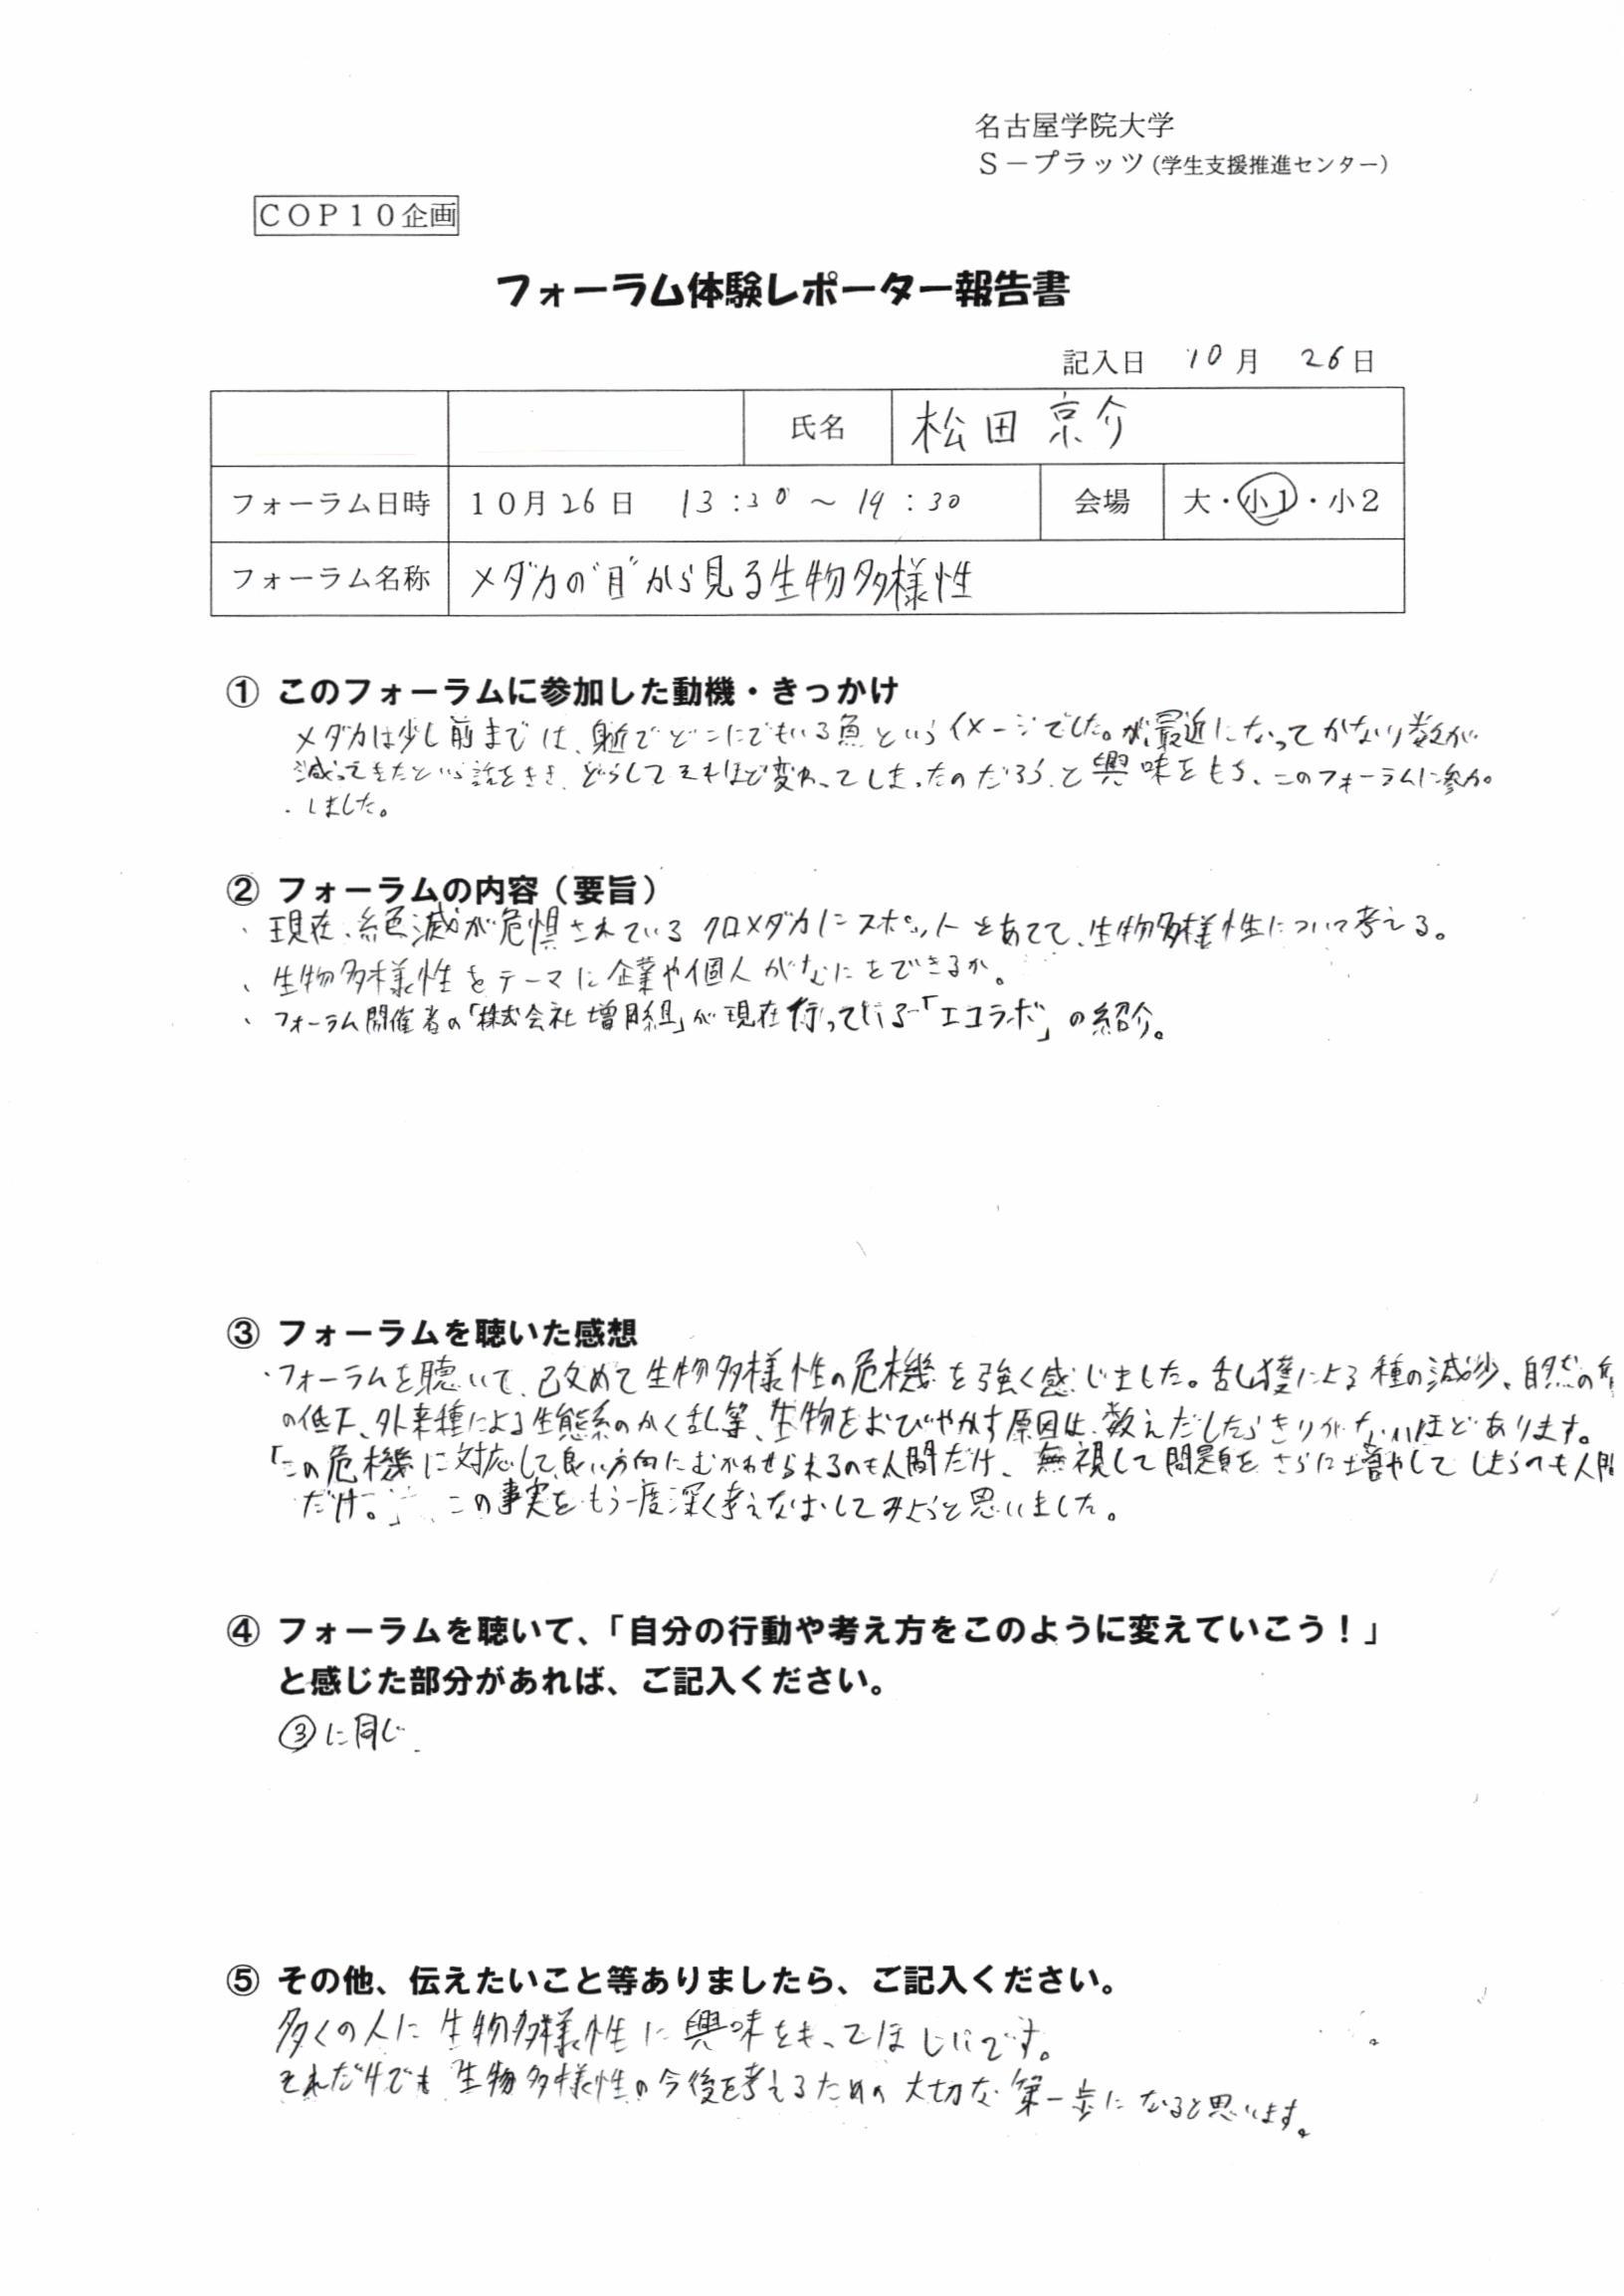 フォーラム体験レポーター報告松田